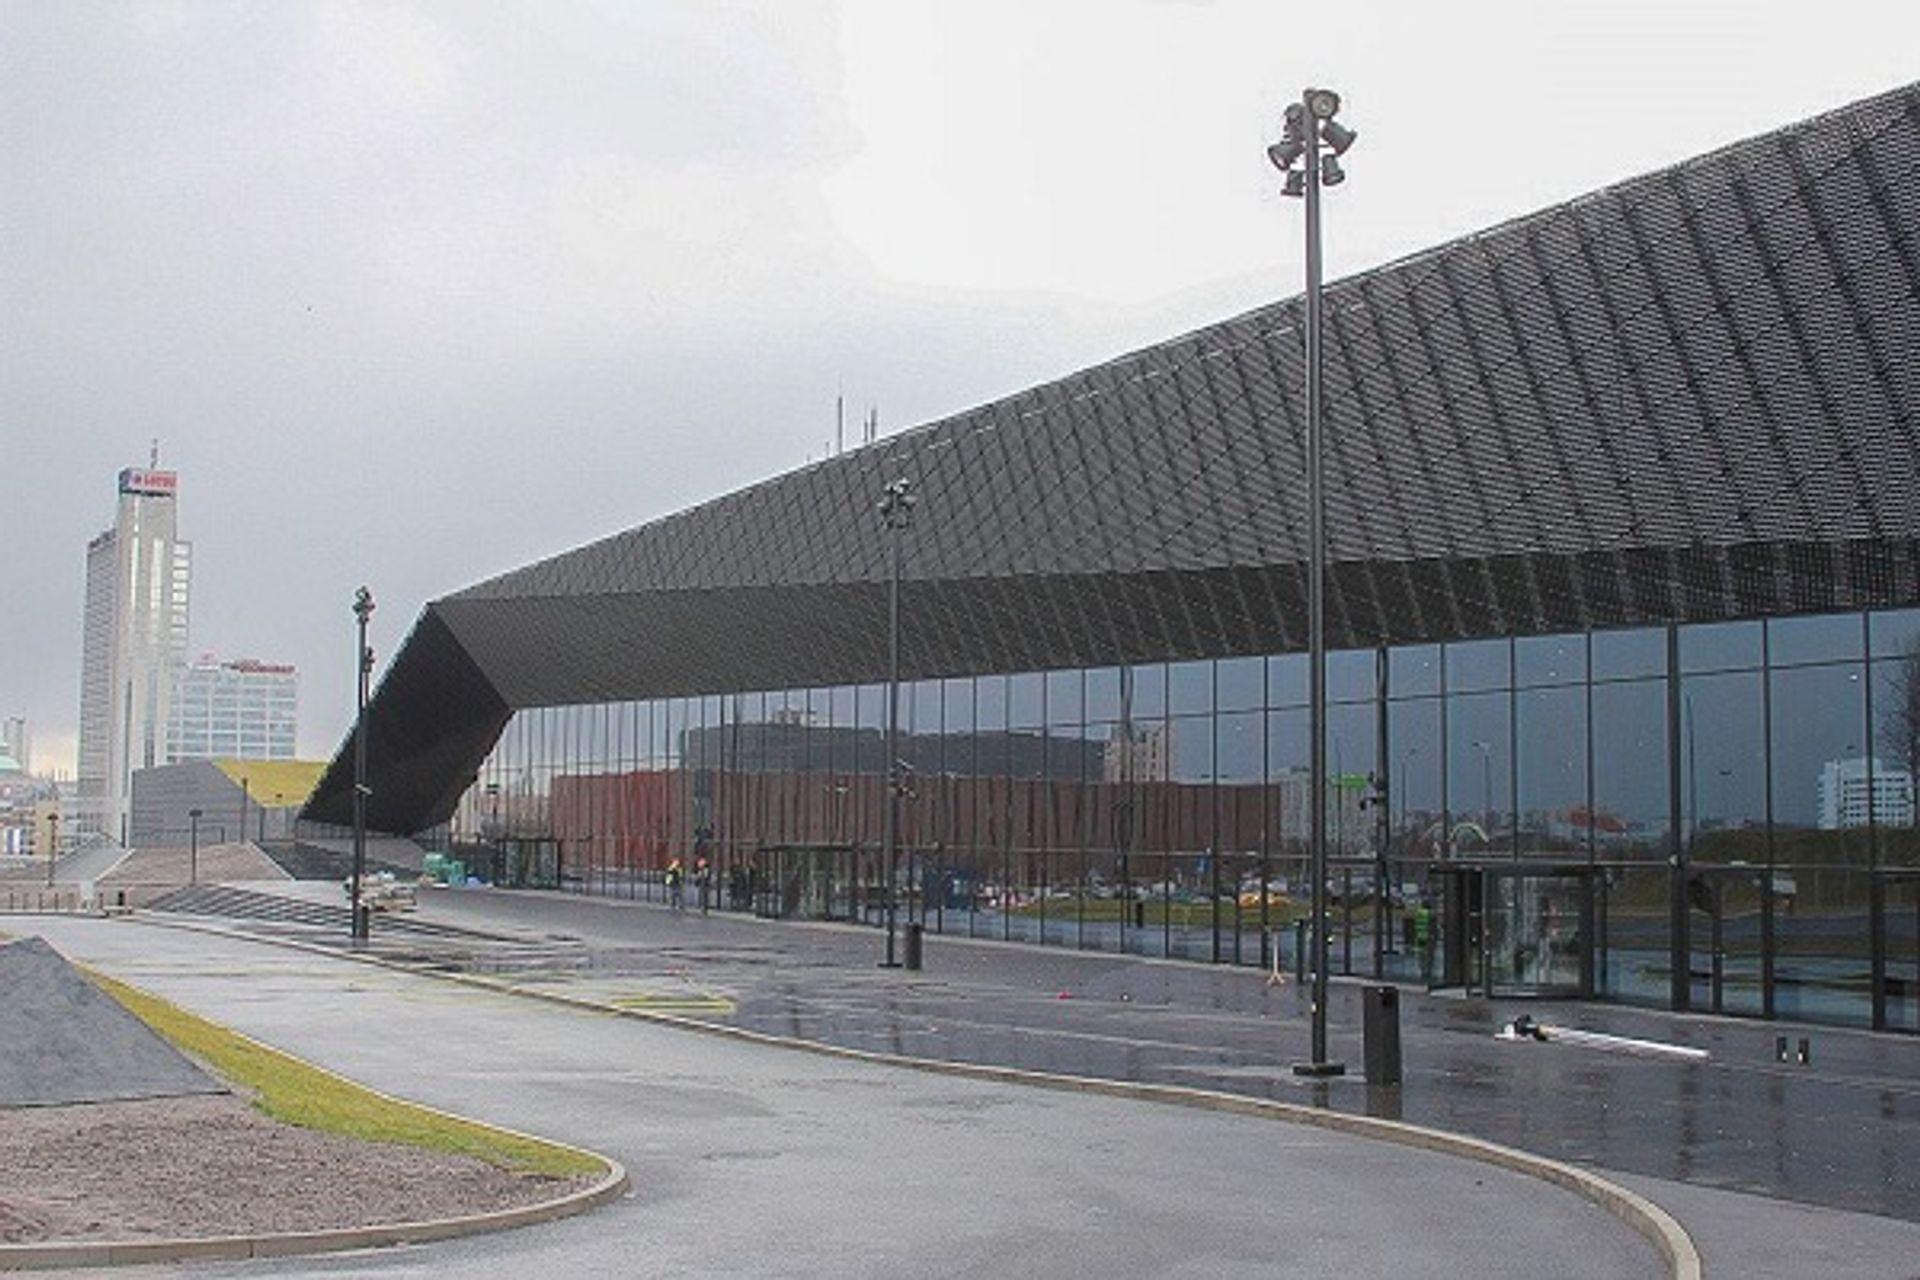 [Katowice] Europejski Kongres Gospodarczy 2015 w Międzynarodowym Centrum Kongresowym w Katowicach